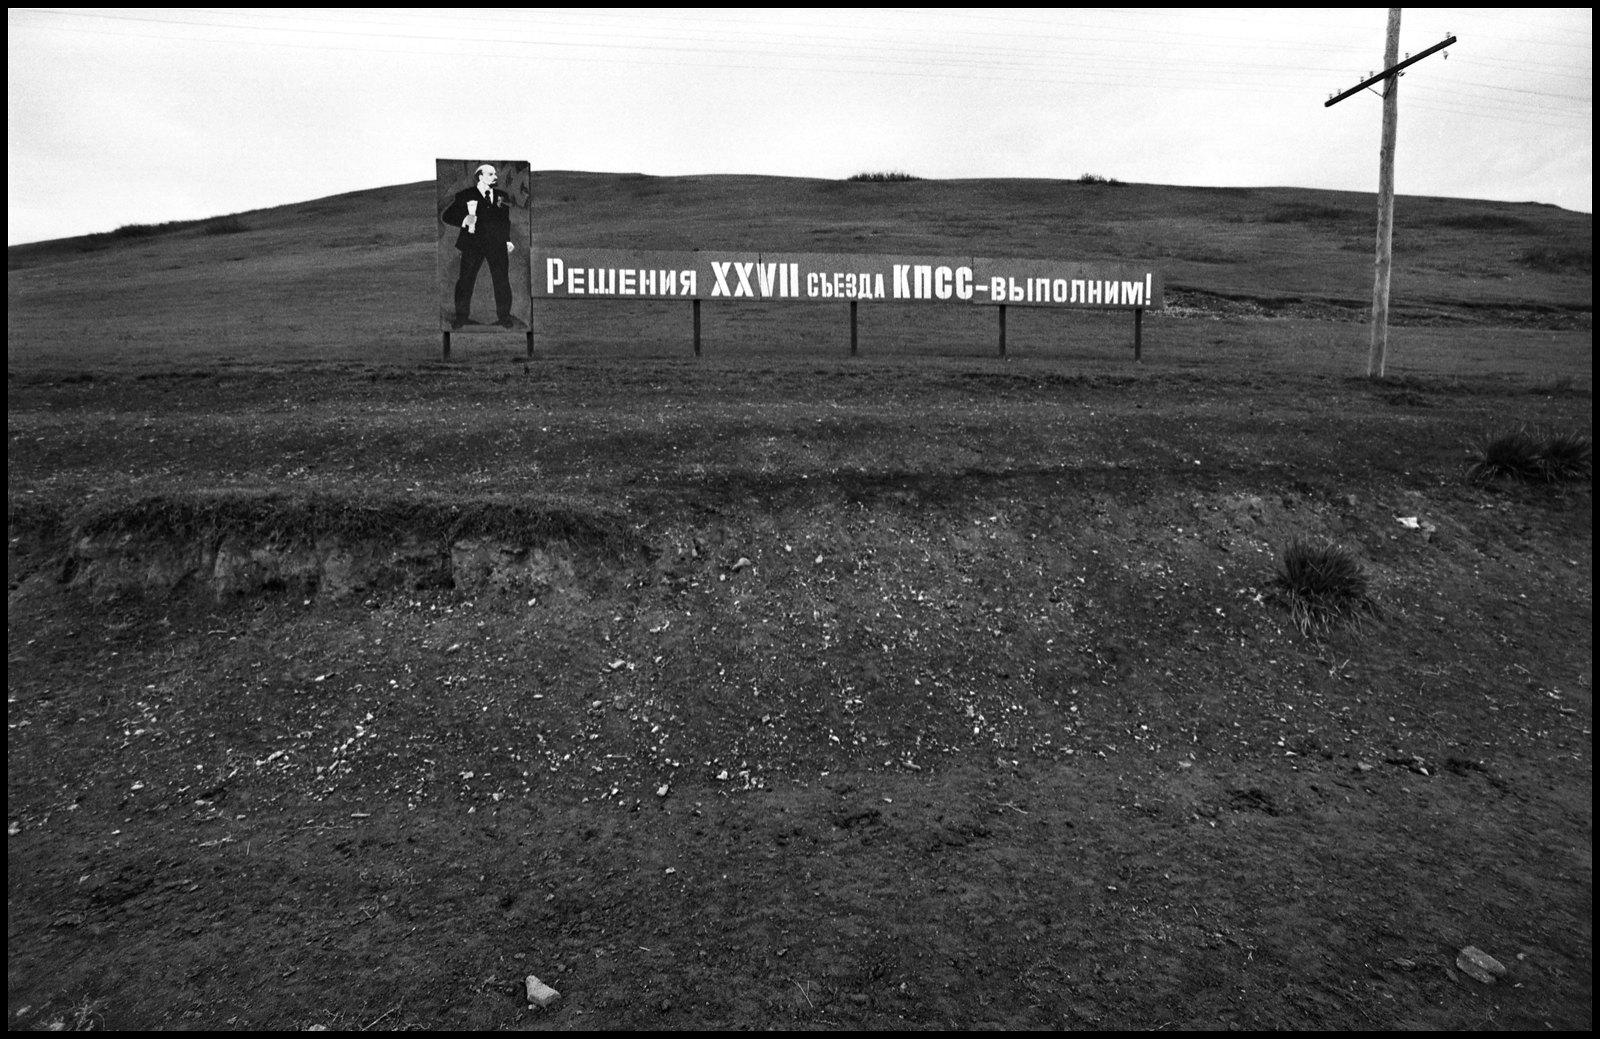 1986. Транспарант в голой степи (Хакасия) «Маразм крепчал»